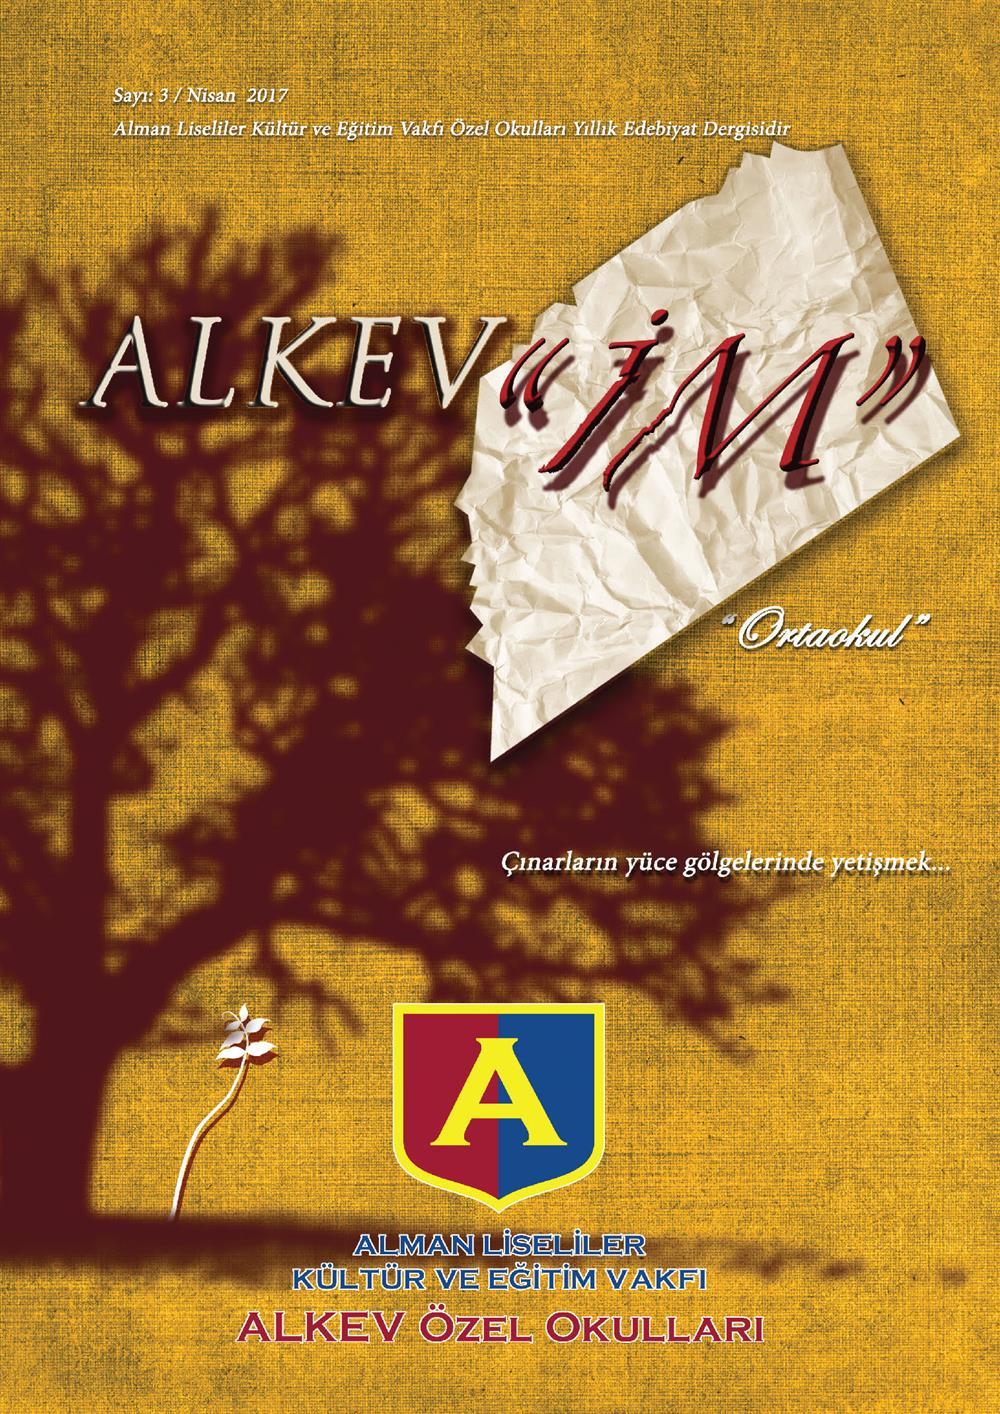 ALKEV'İM' Ortaokul Sayı: 3 / Nisan 2017